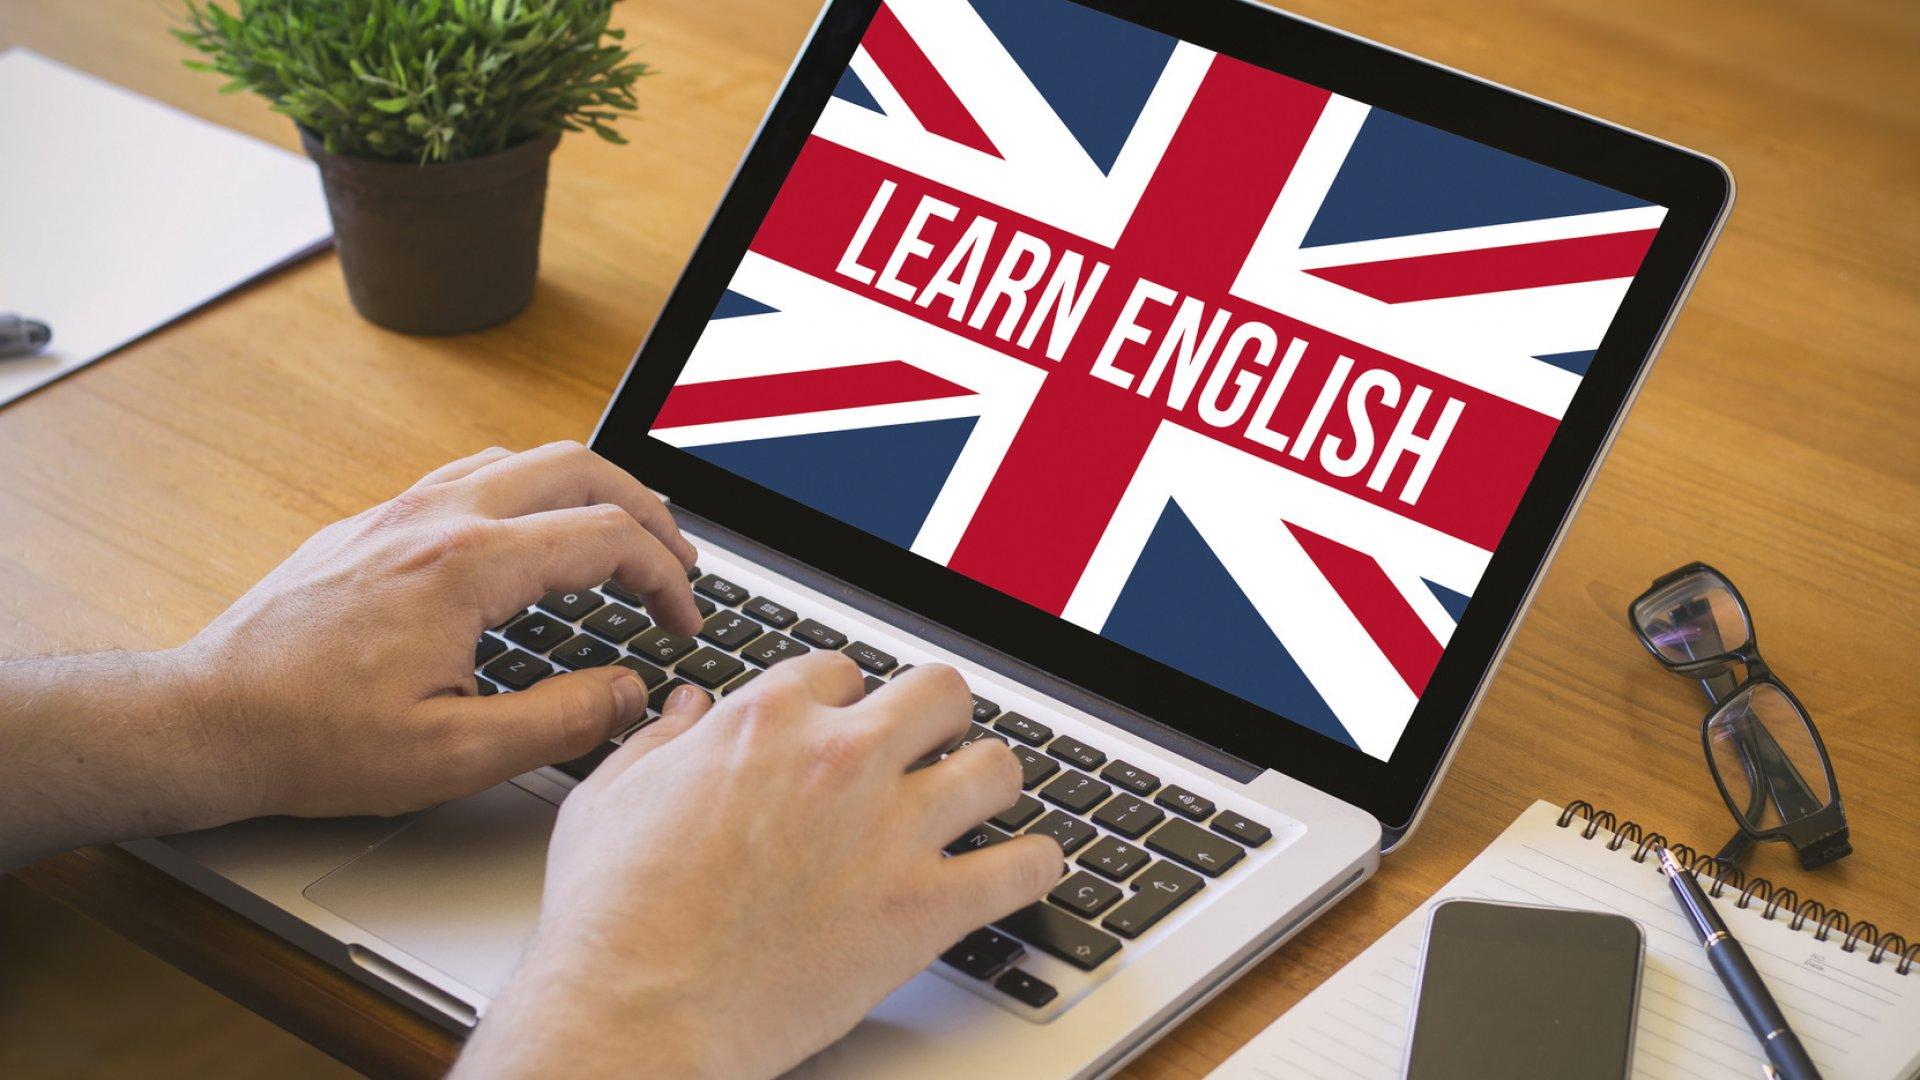 обучение в онлайн школе